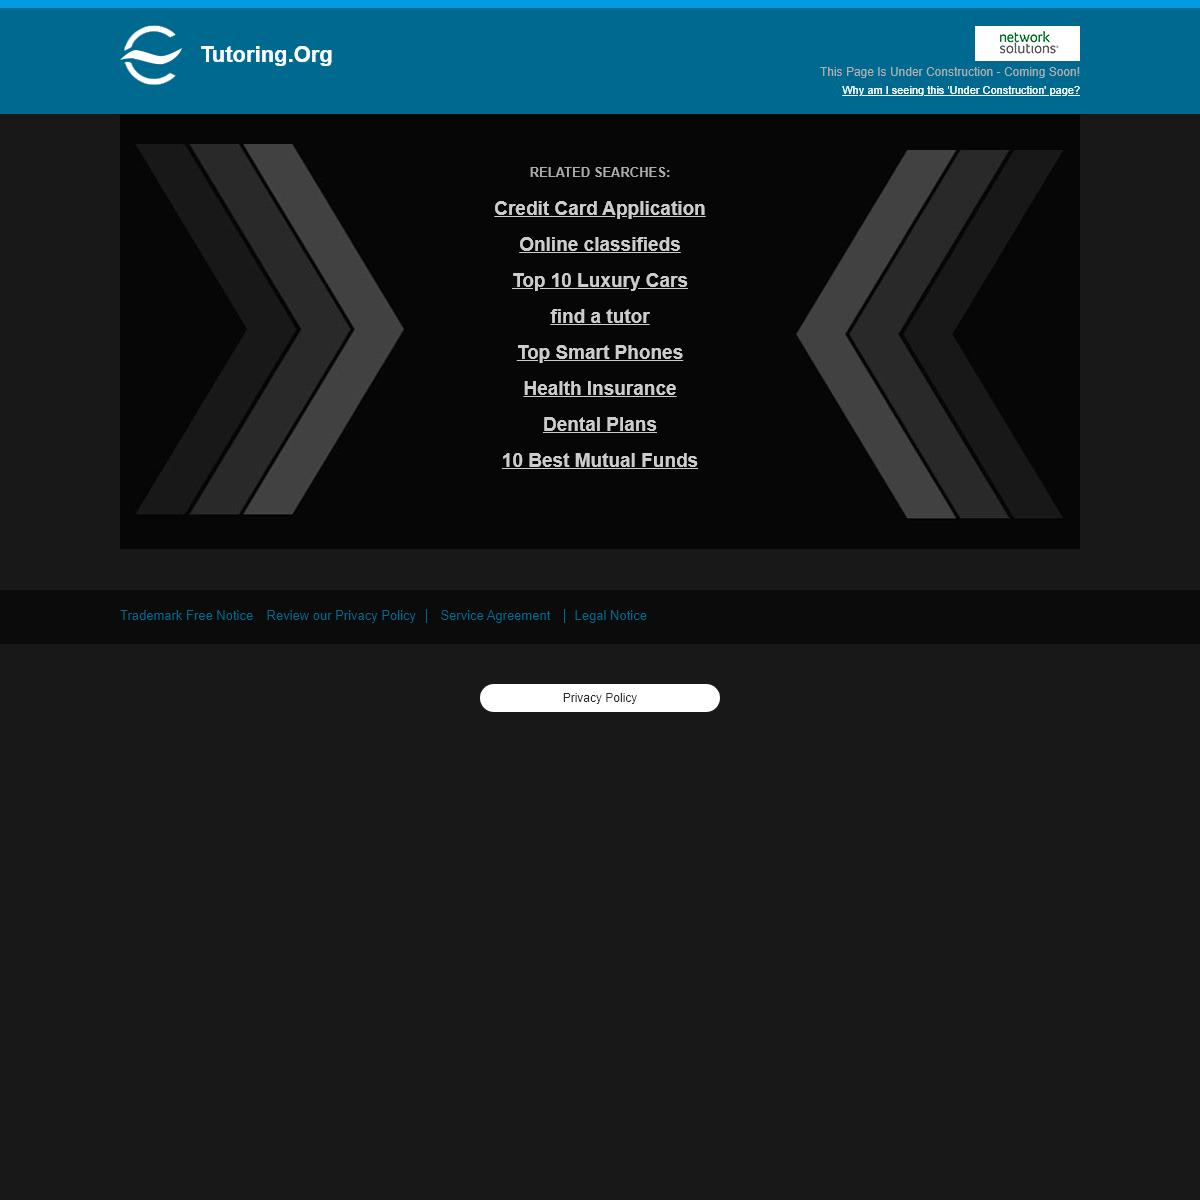 Tutoring.org